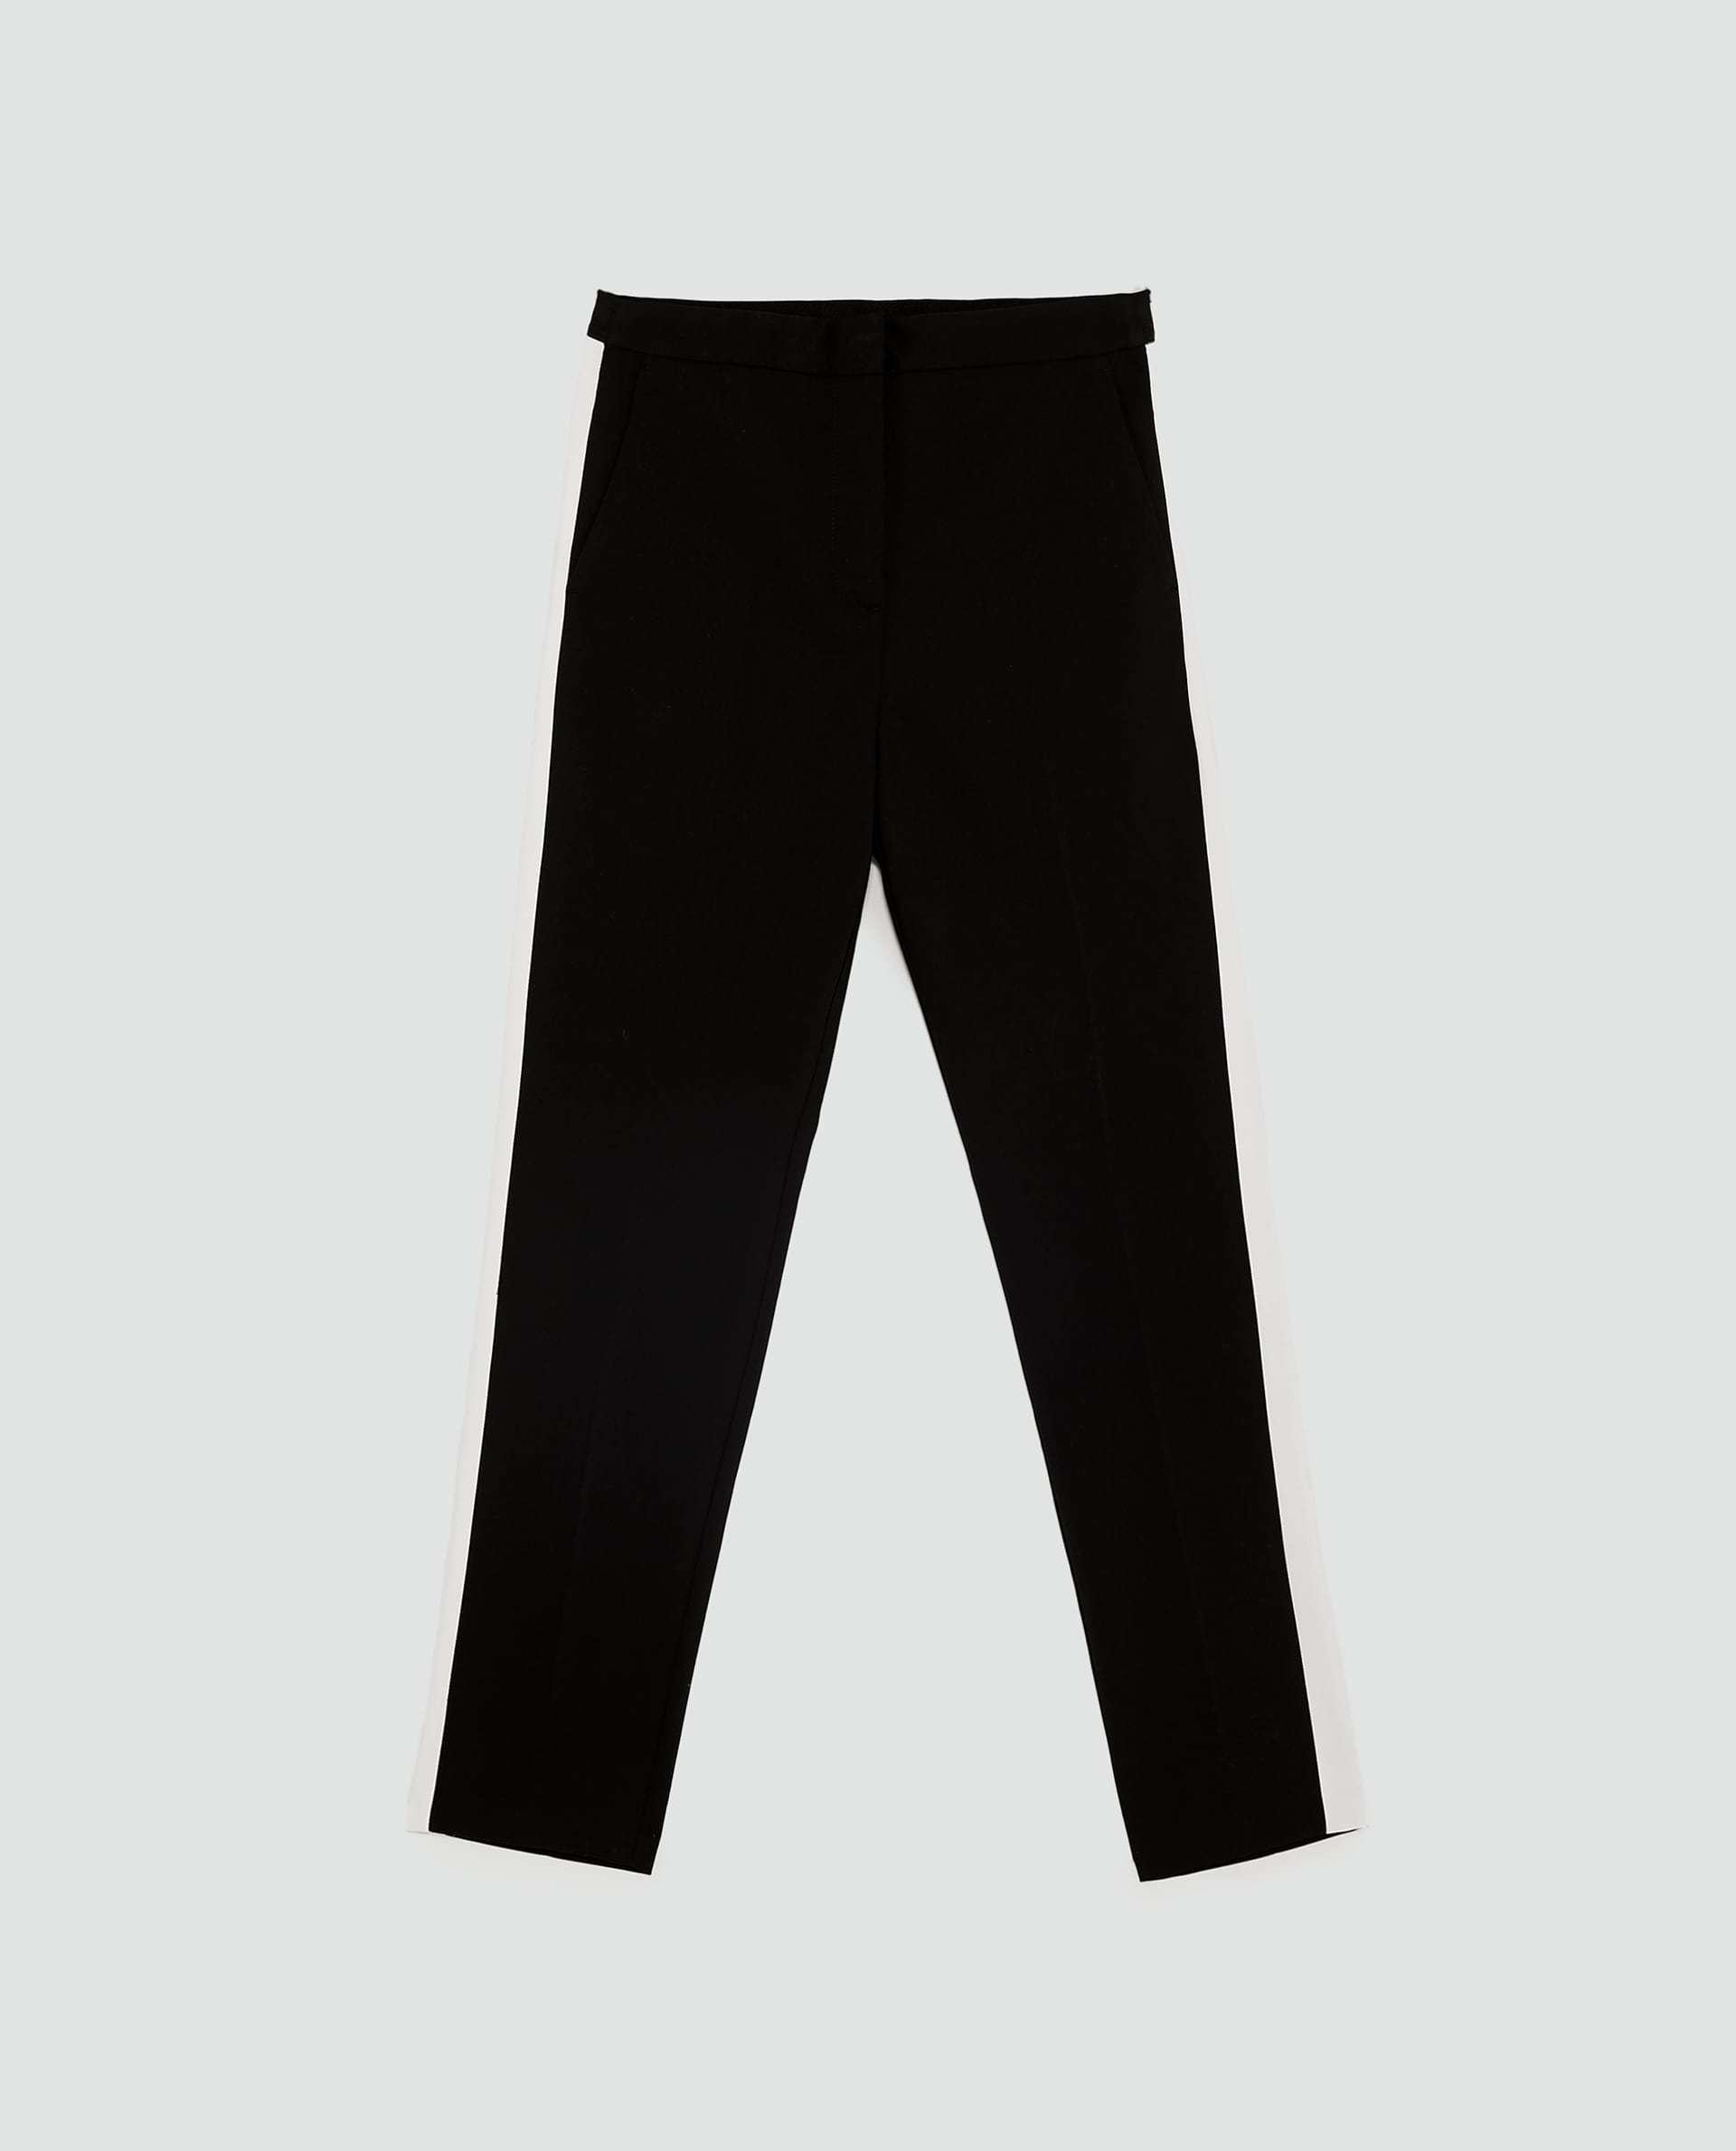 Pantalón jogger con banda lateral de ZARA (19,95 euros)